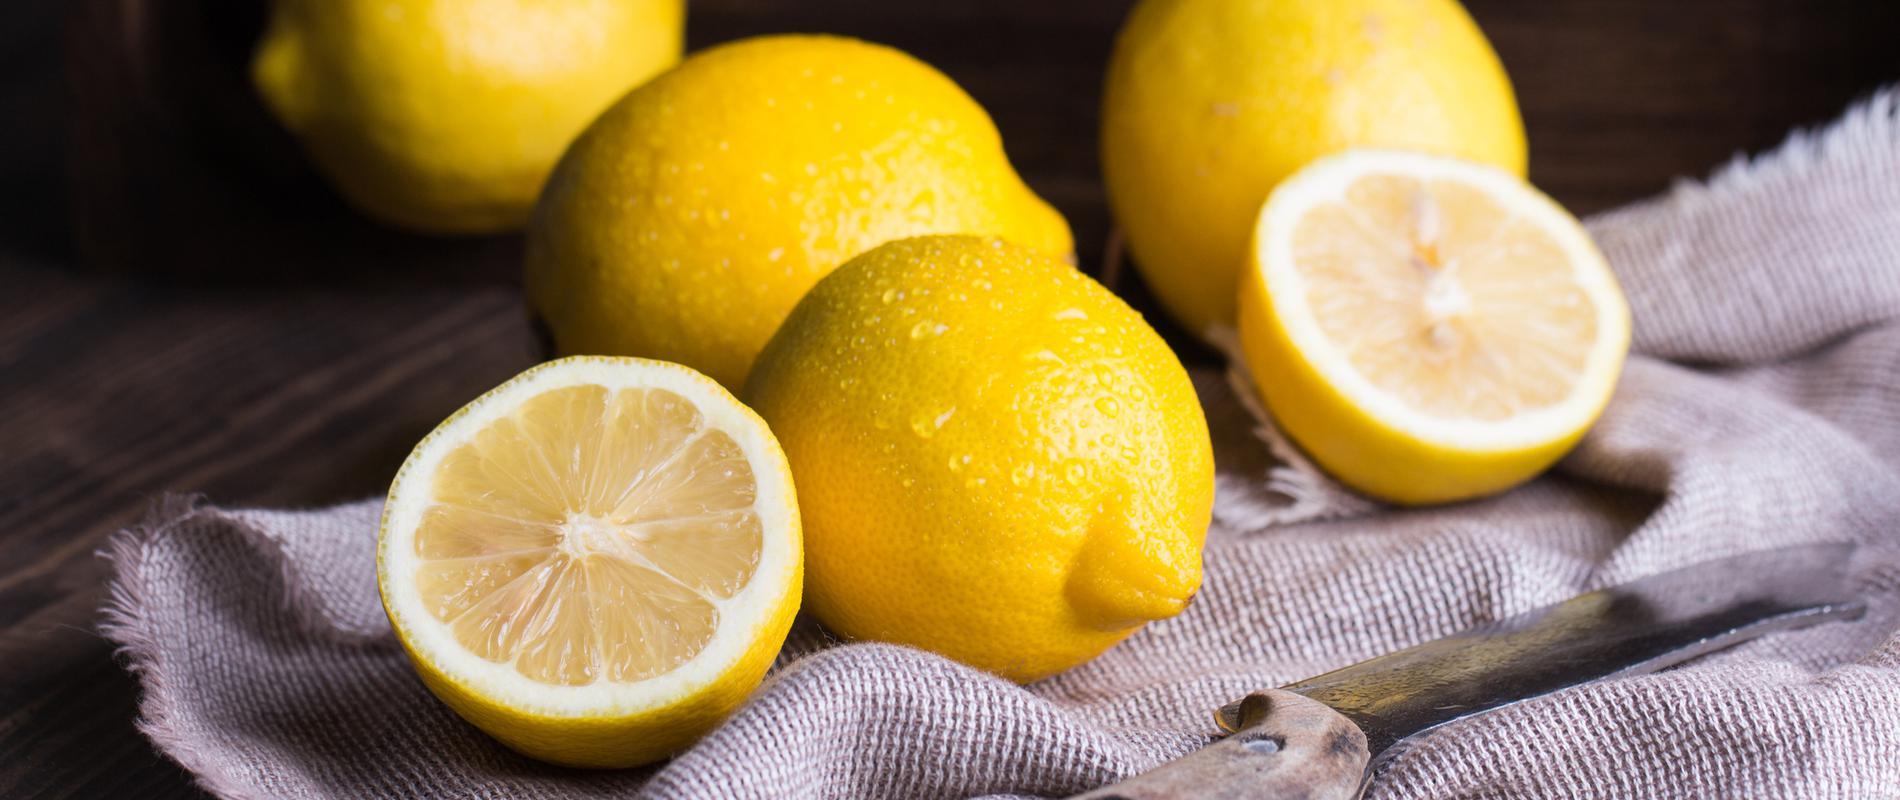 仅靠喝柠檬水就能减肥?法媒揭示柠檬真正功效